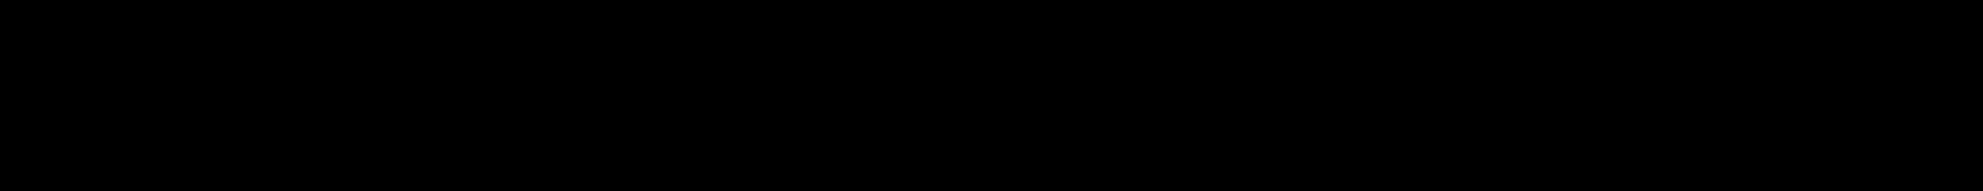 Sofachrome UltraLight